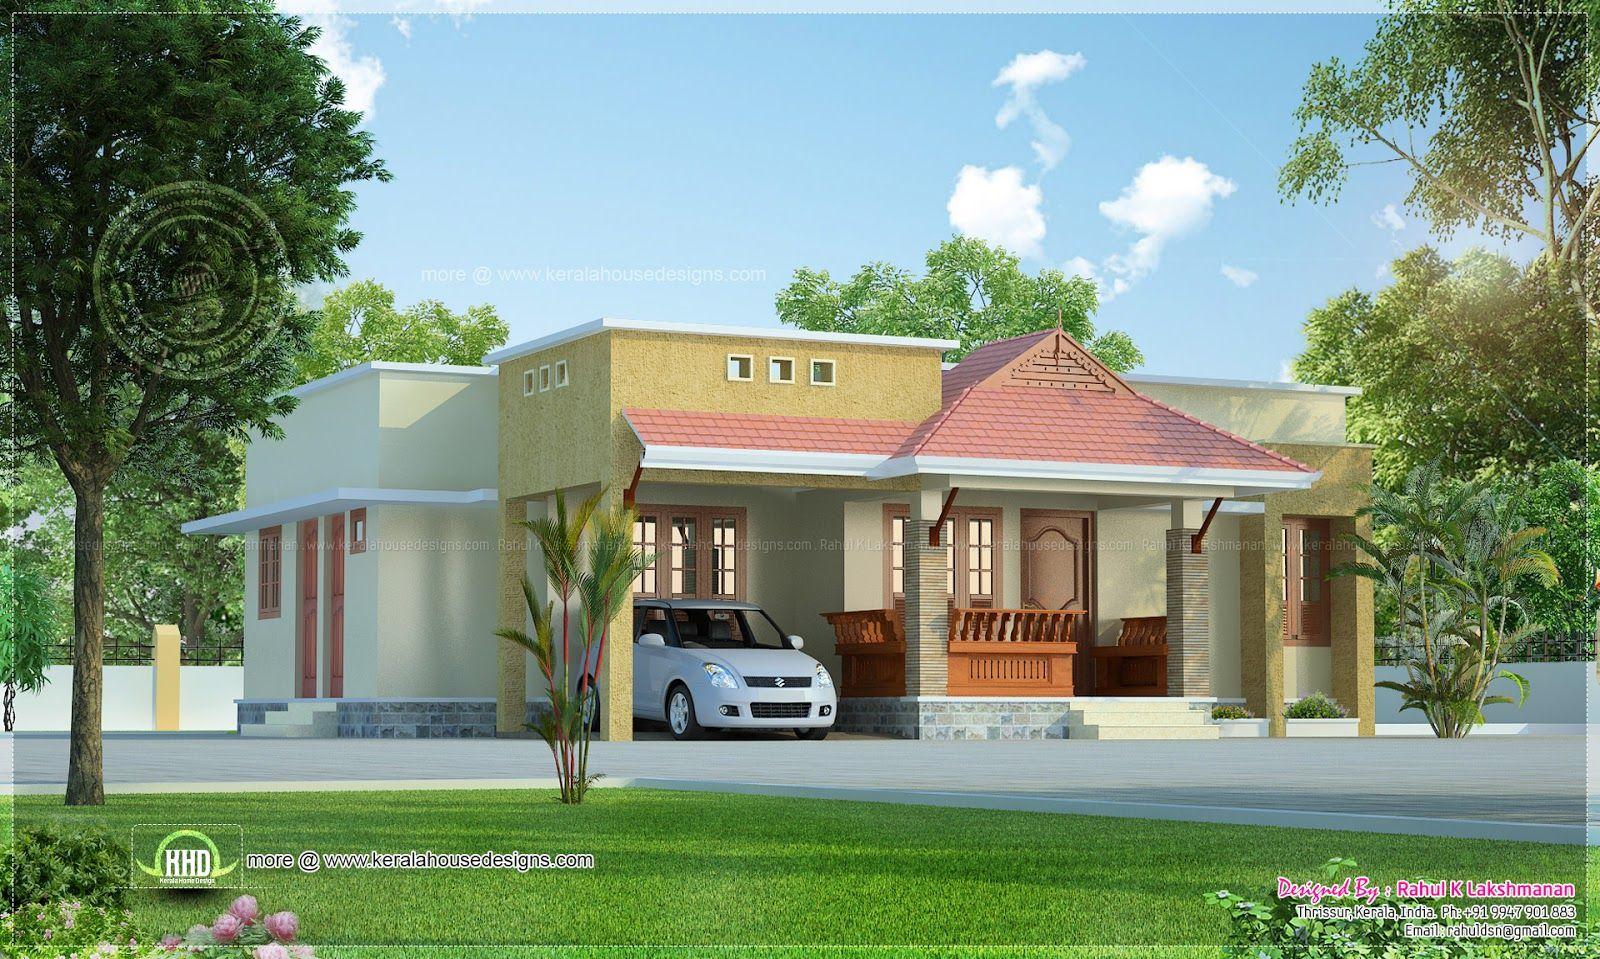 House Plans Small Homes Kerala Homeminimalis Isometric Views Small